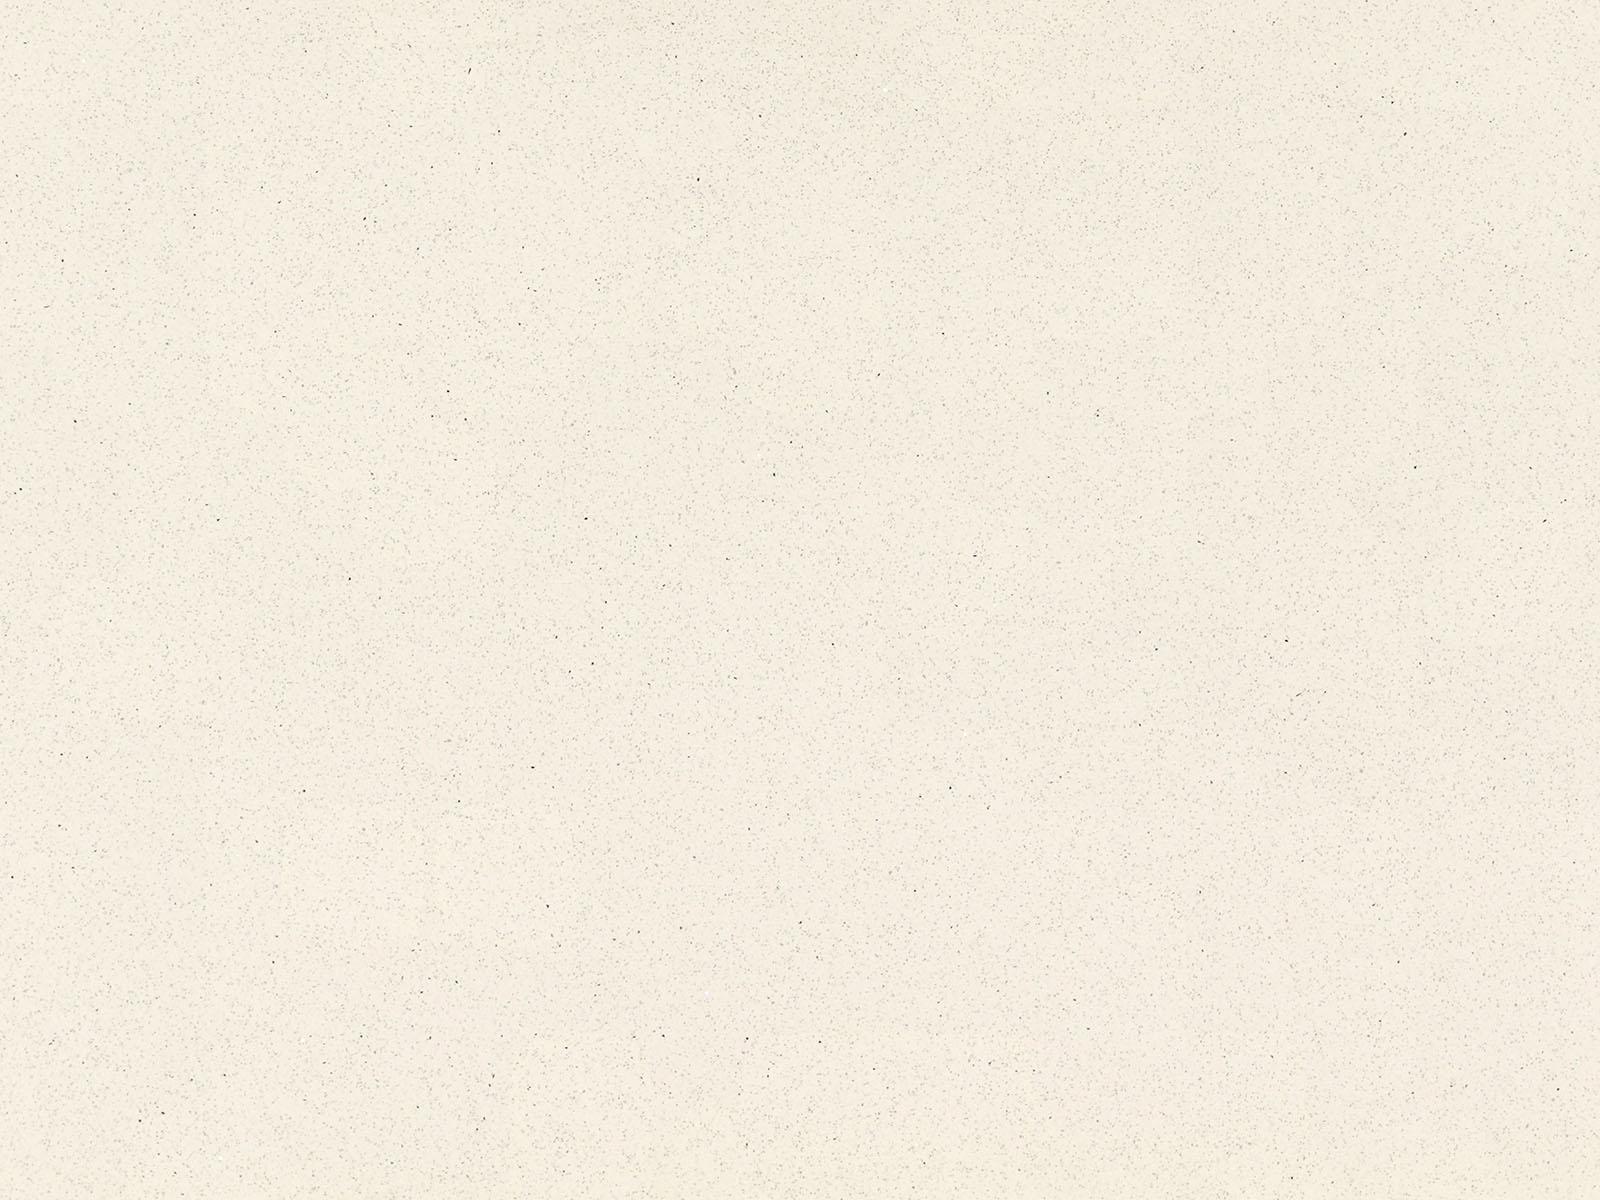 View of Maestro Quartz - Maestro Quartz White Galaxy 2cm